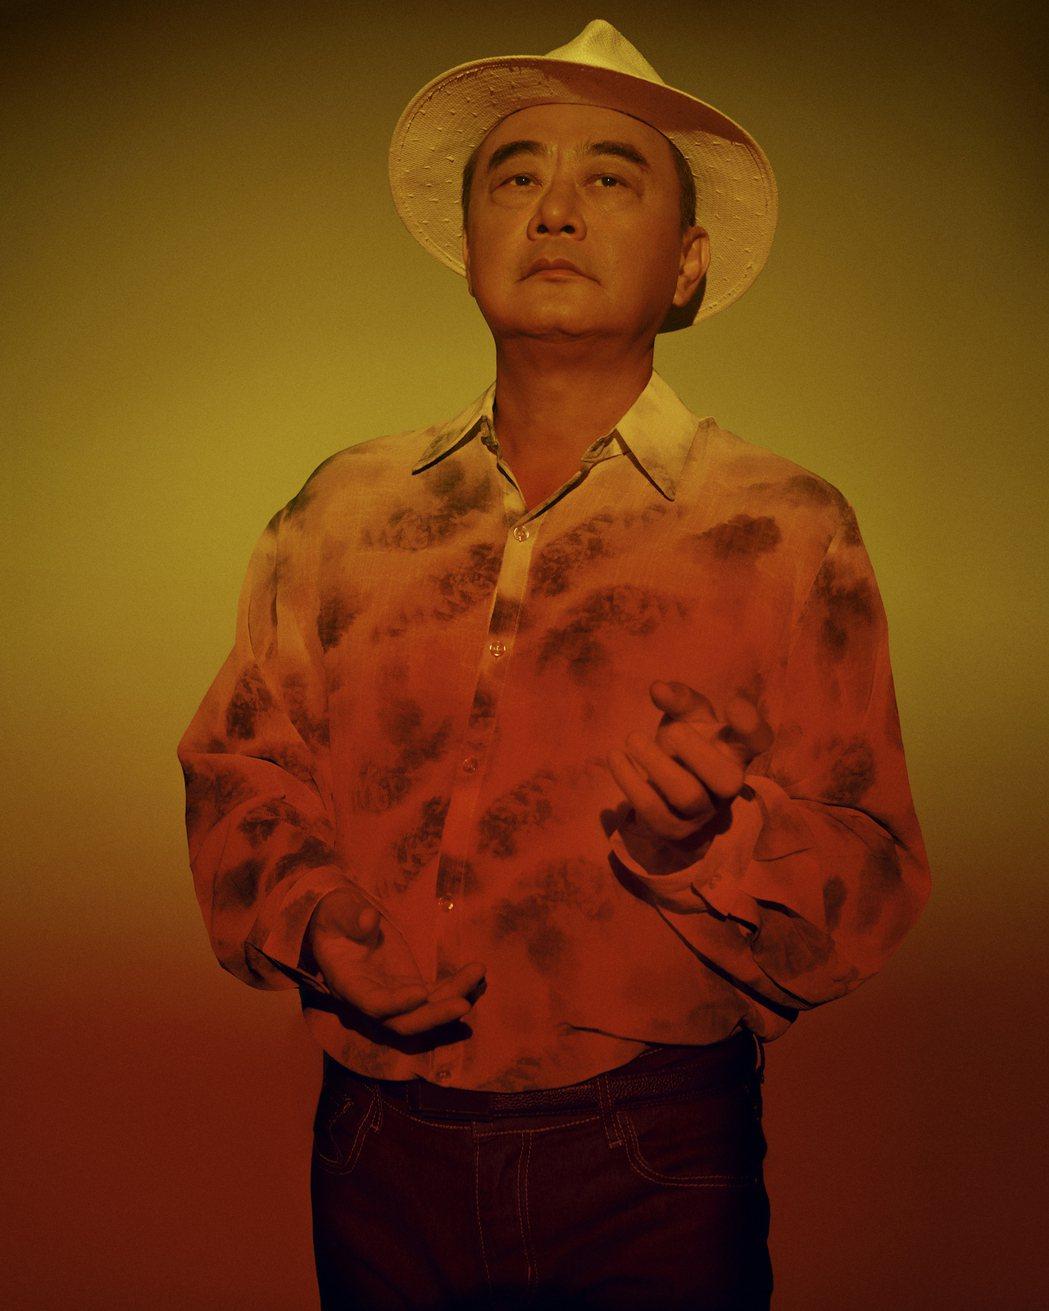 陳昇推出全新專輯「末日遺緒」。圖/新樂園製作有限公司提供